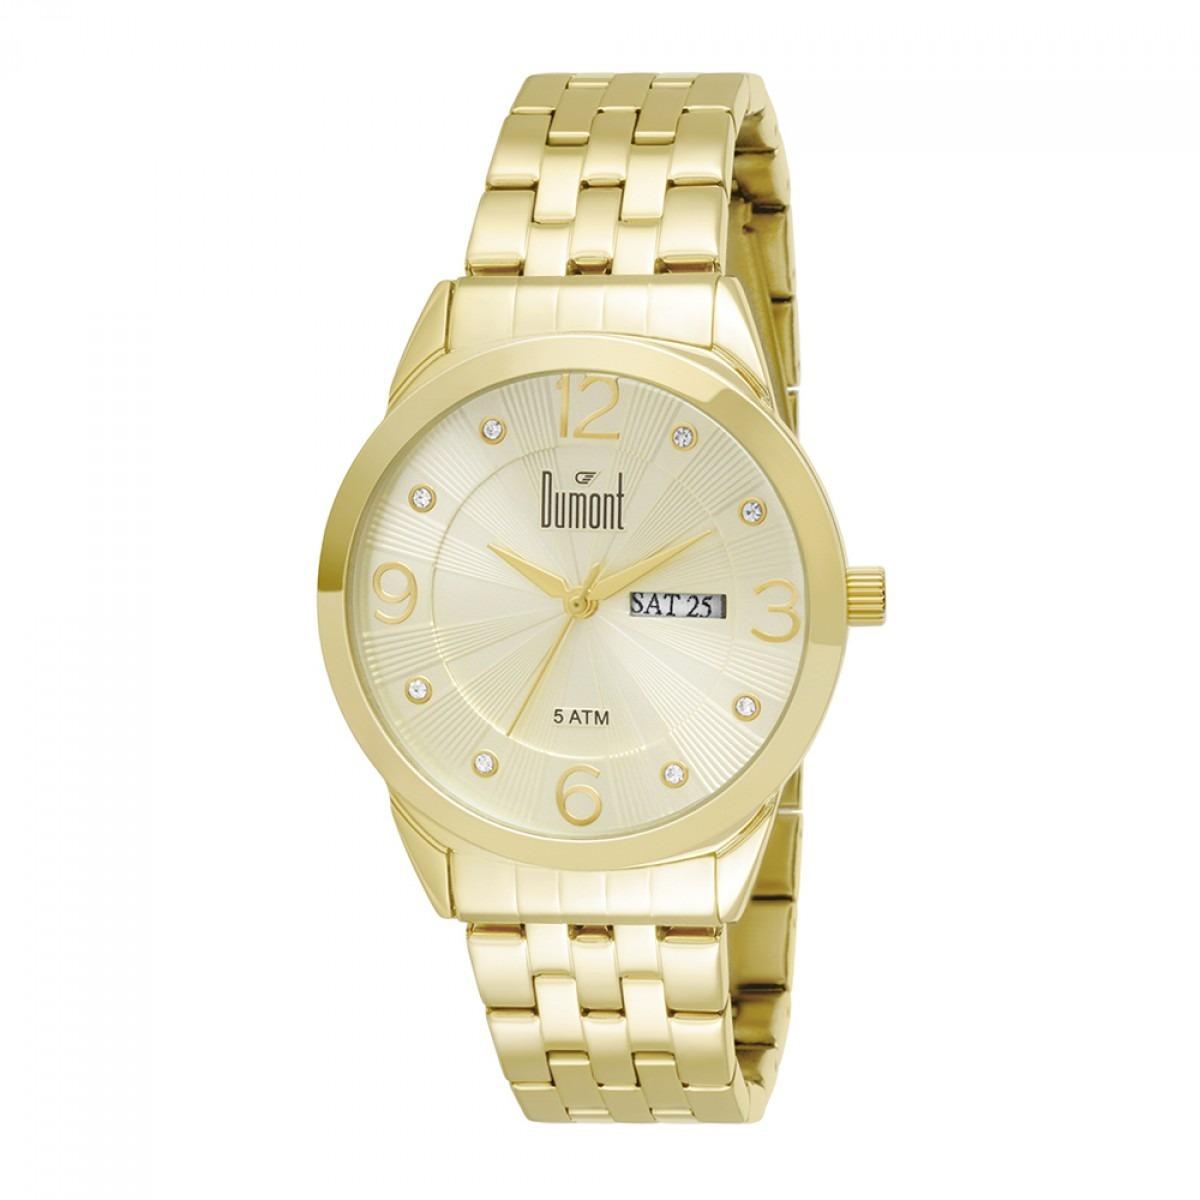 Relógios Feminino Analógico Dourado Dumont - R  289,00 em Mercado Livre 148dfb2c07